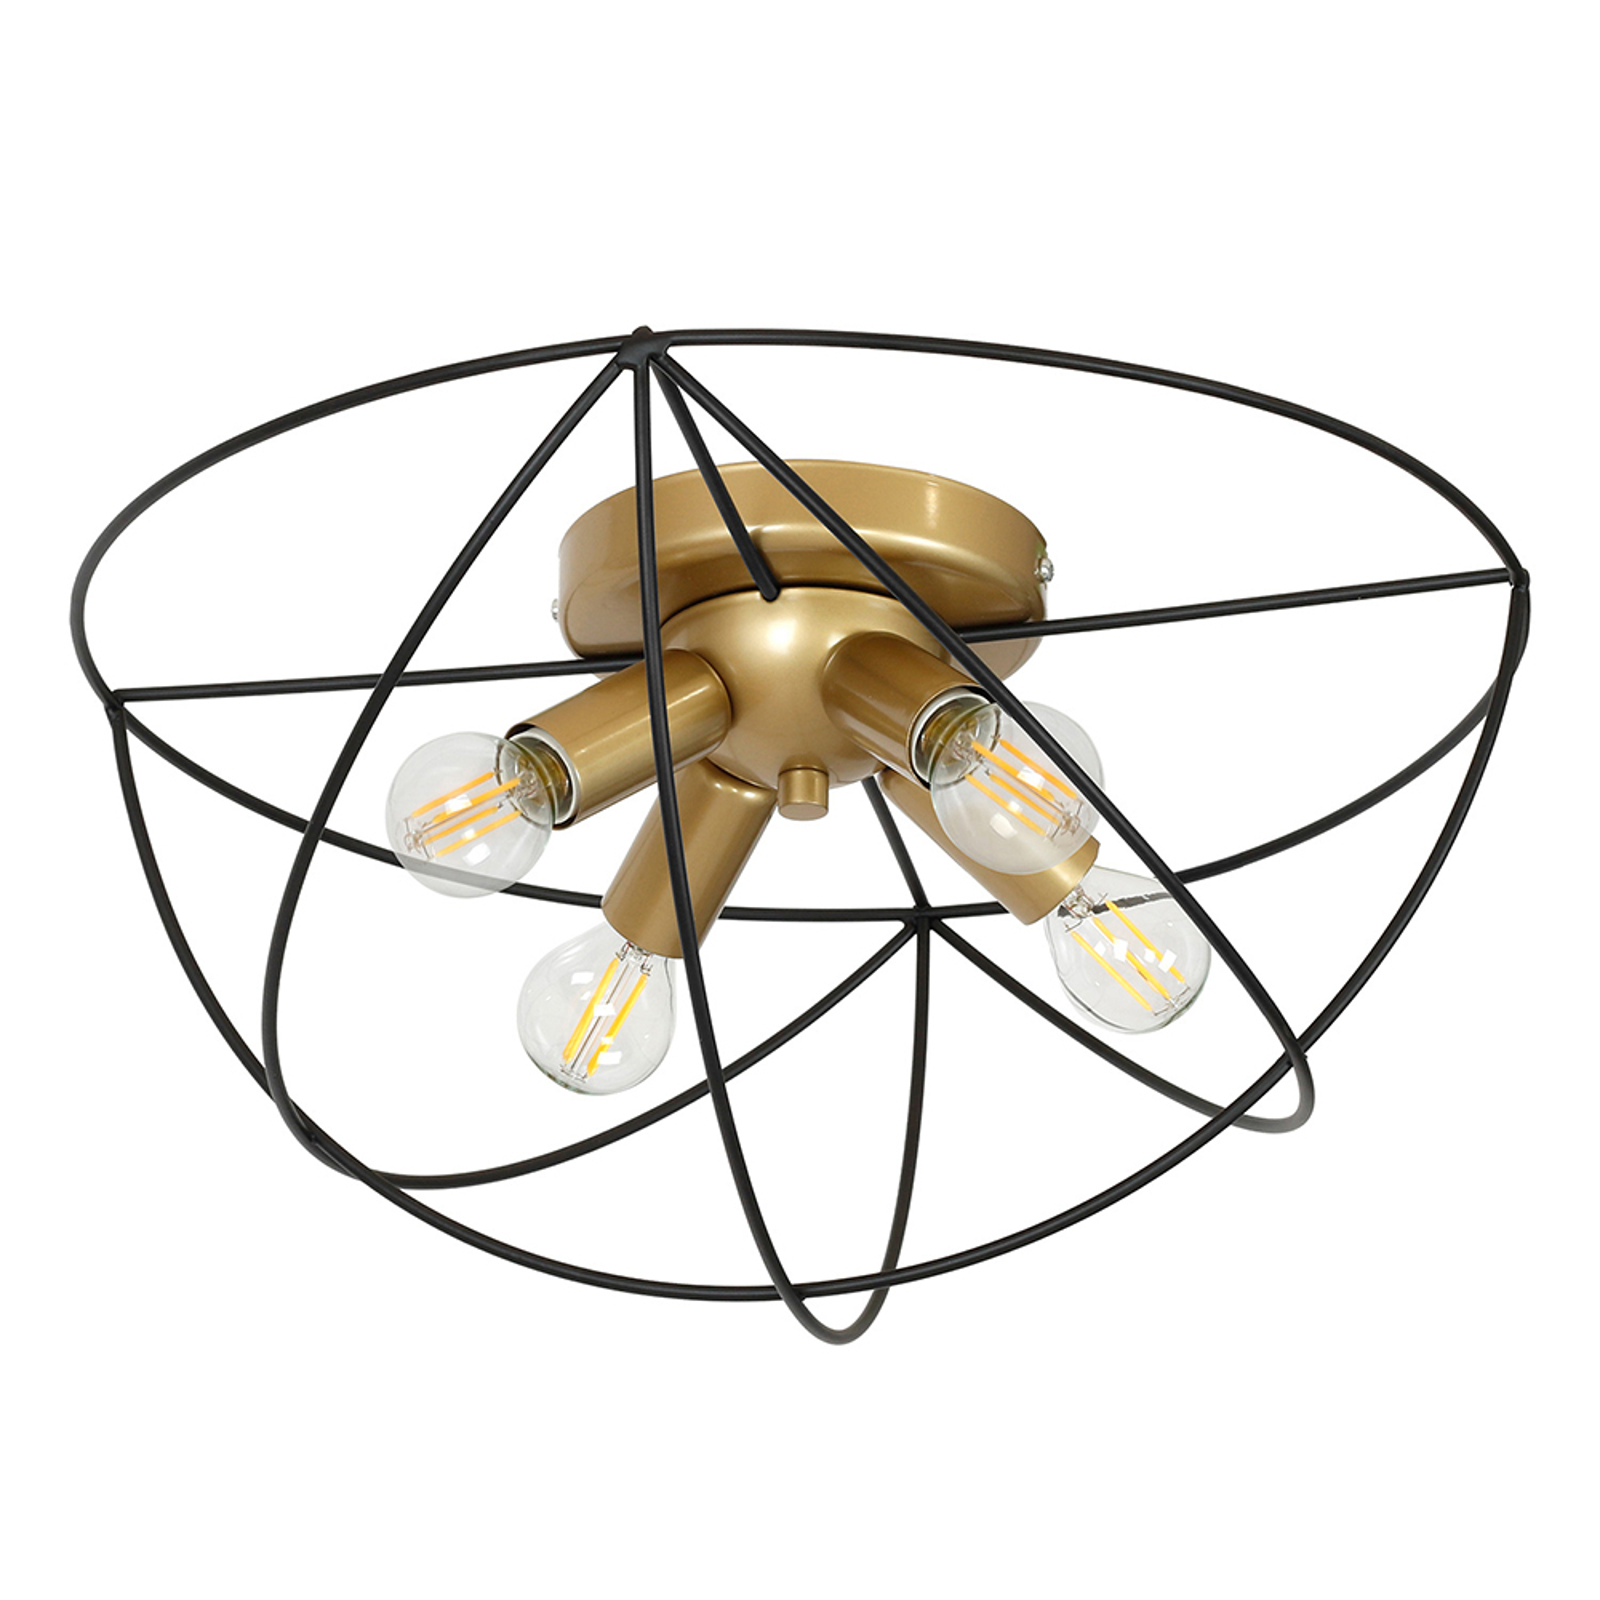 Copernicus taklampe, 4 lyskilder gull/svart